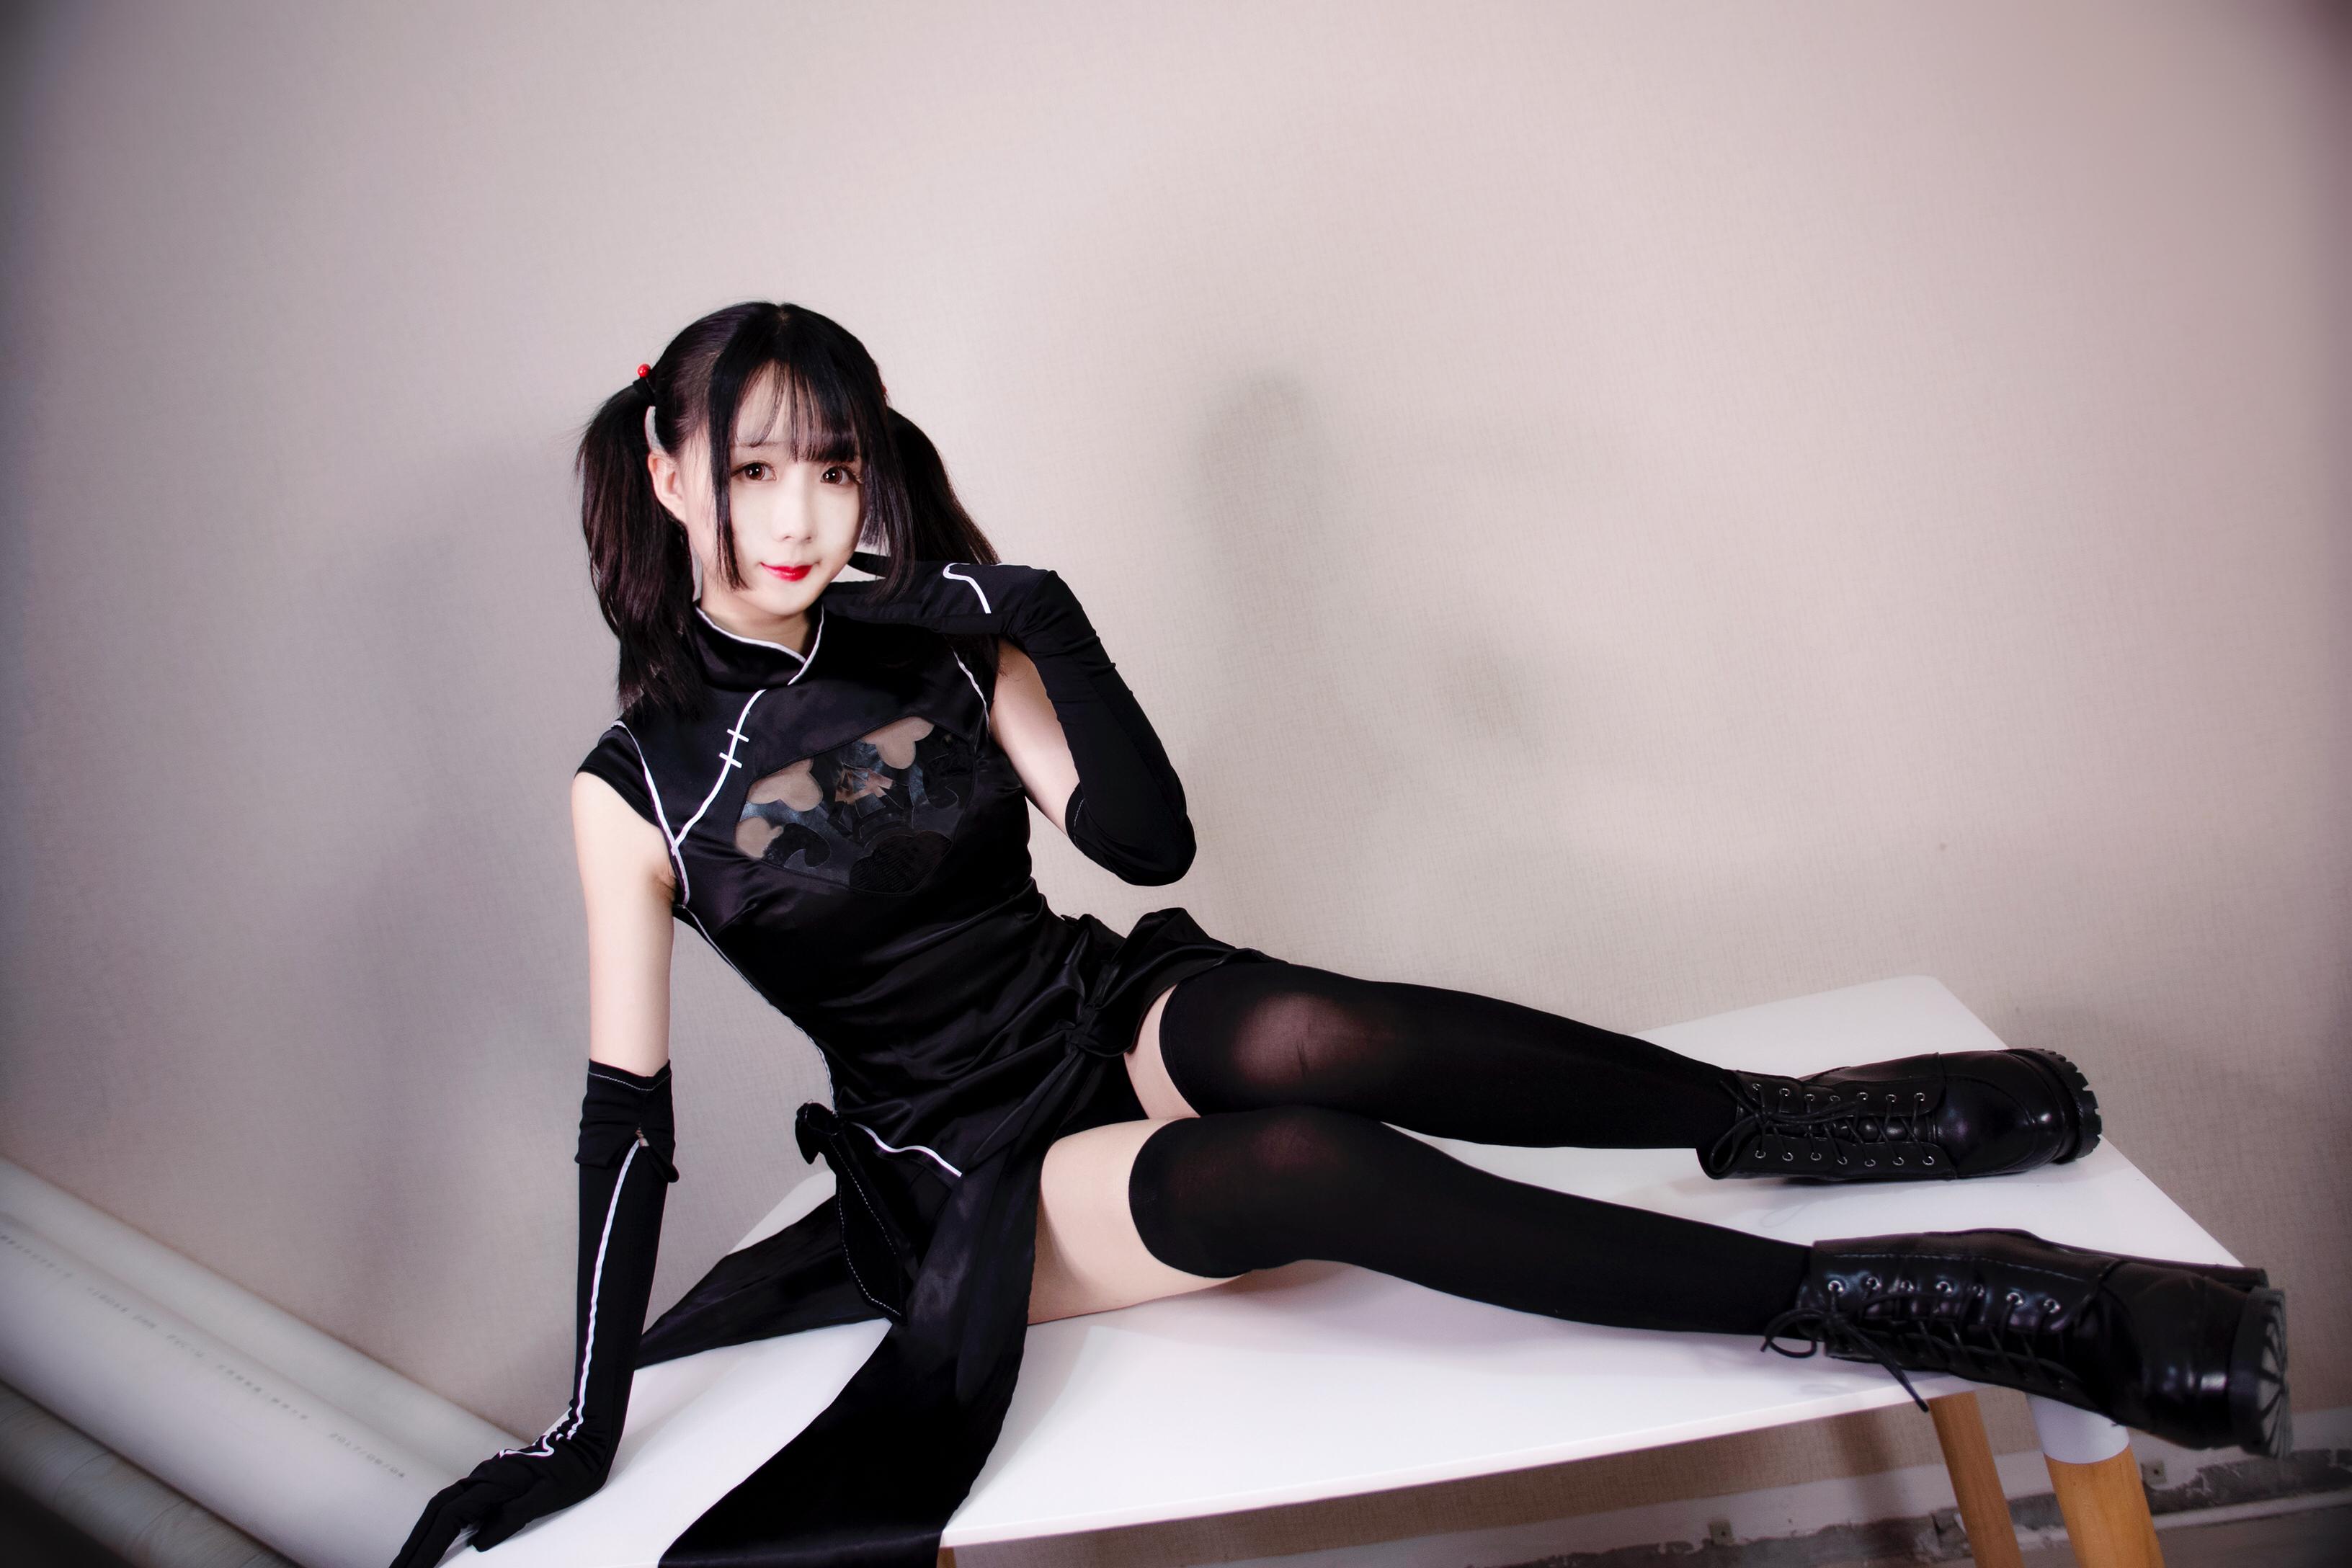 【总裁菲】极乐净土-13cm高跟+旗袍❀这样的小姐姐你喜欢吗